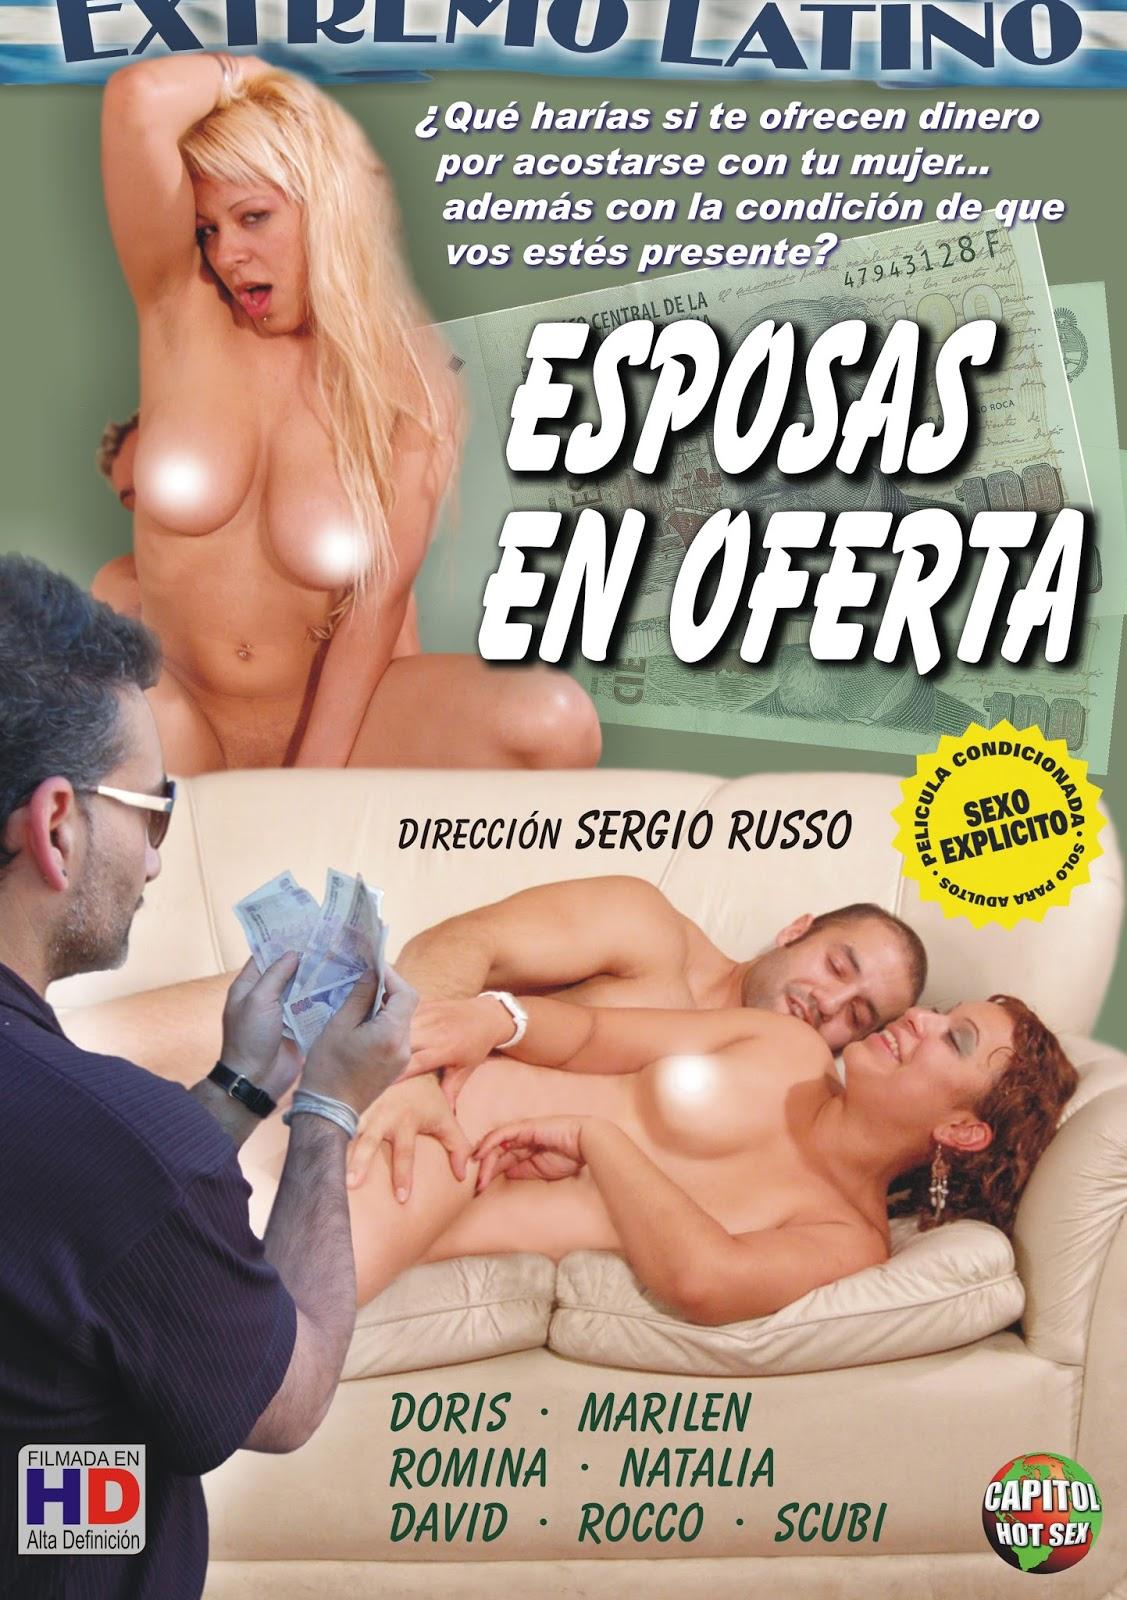 Argentina Porno Peliculas showing xxx images for clementes esposas oferta xxx | www